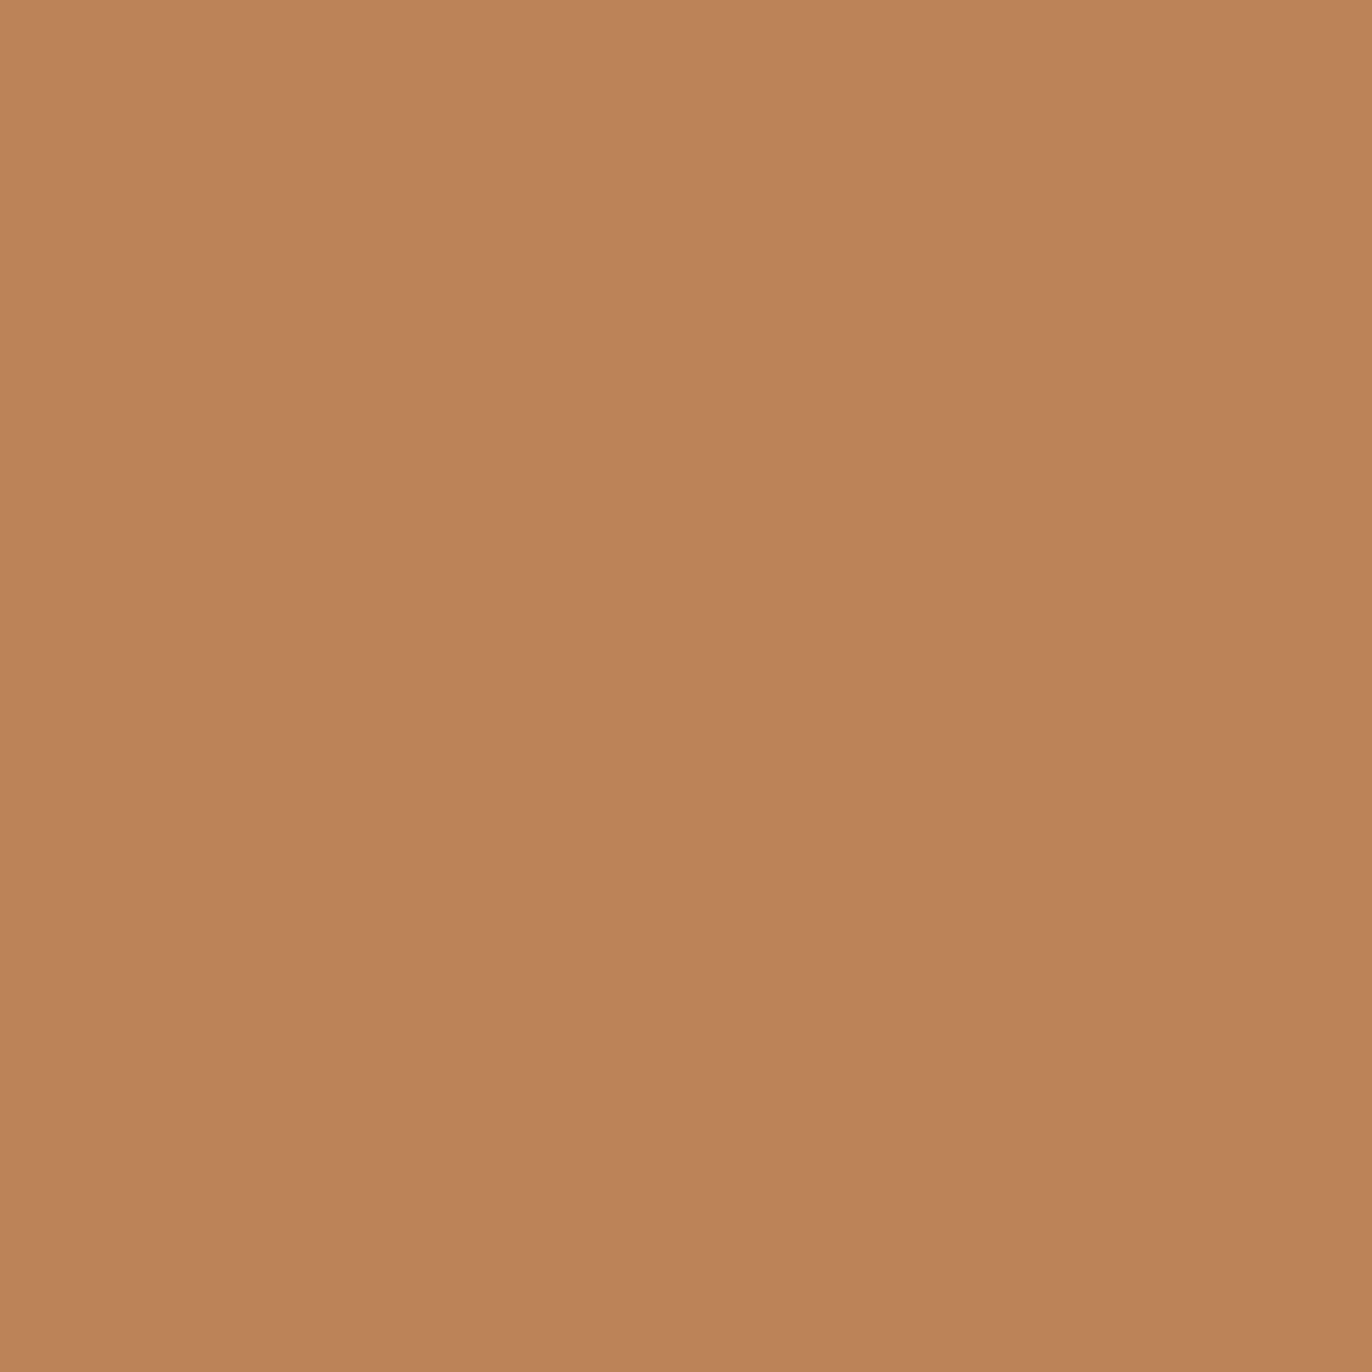 闘争おもしろいオピエートSANMIMORE(サンミモレ化粧品) UVパクト 54号ナチュラル (レフィル 替パフ付)